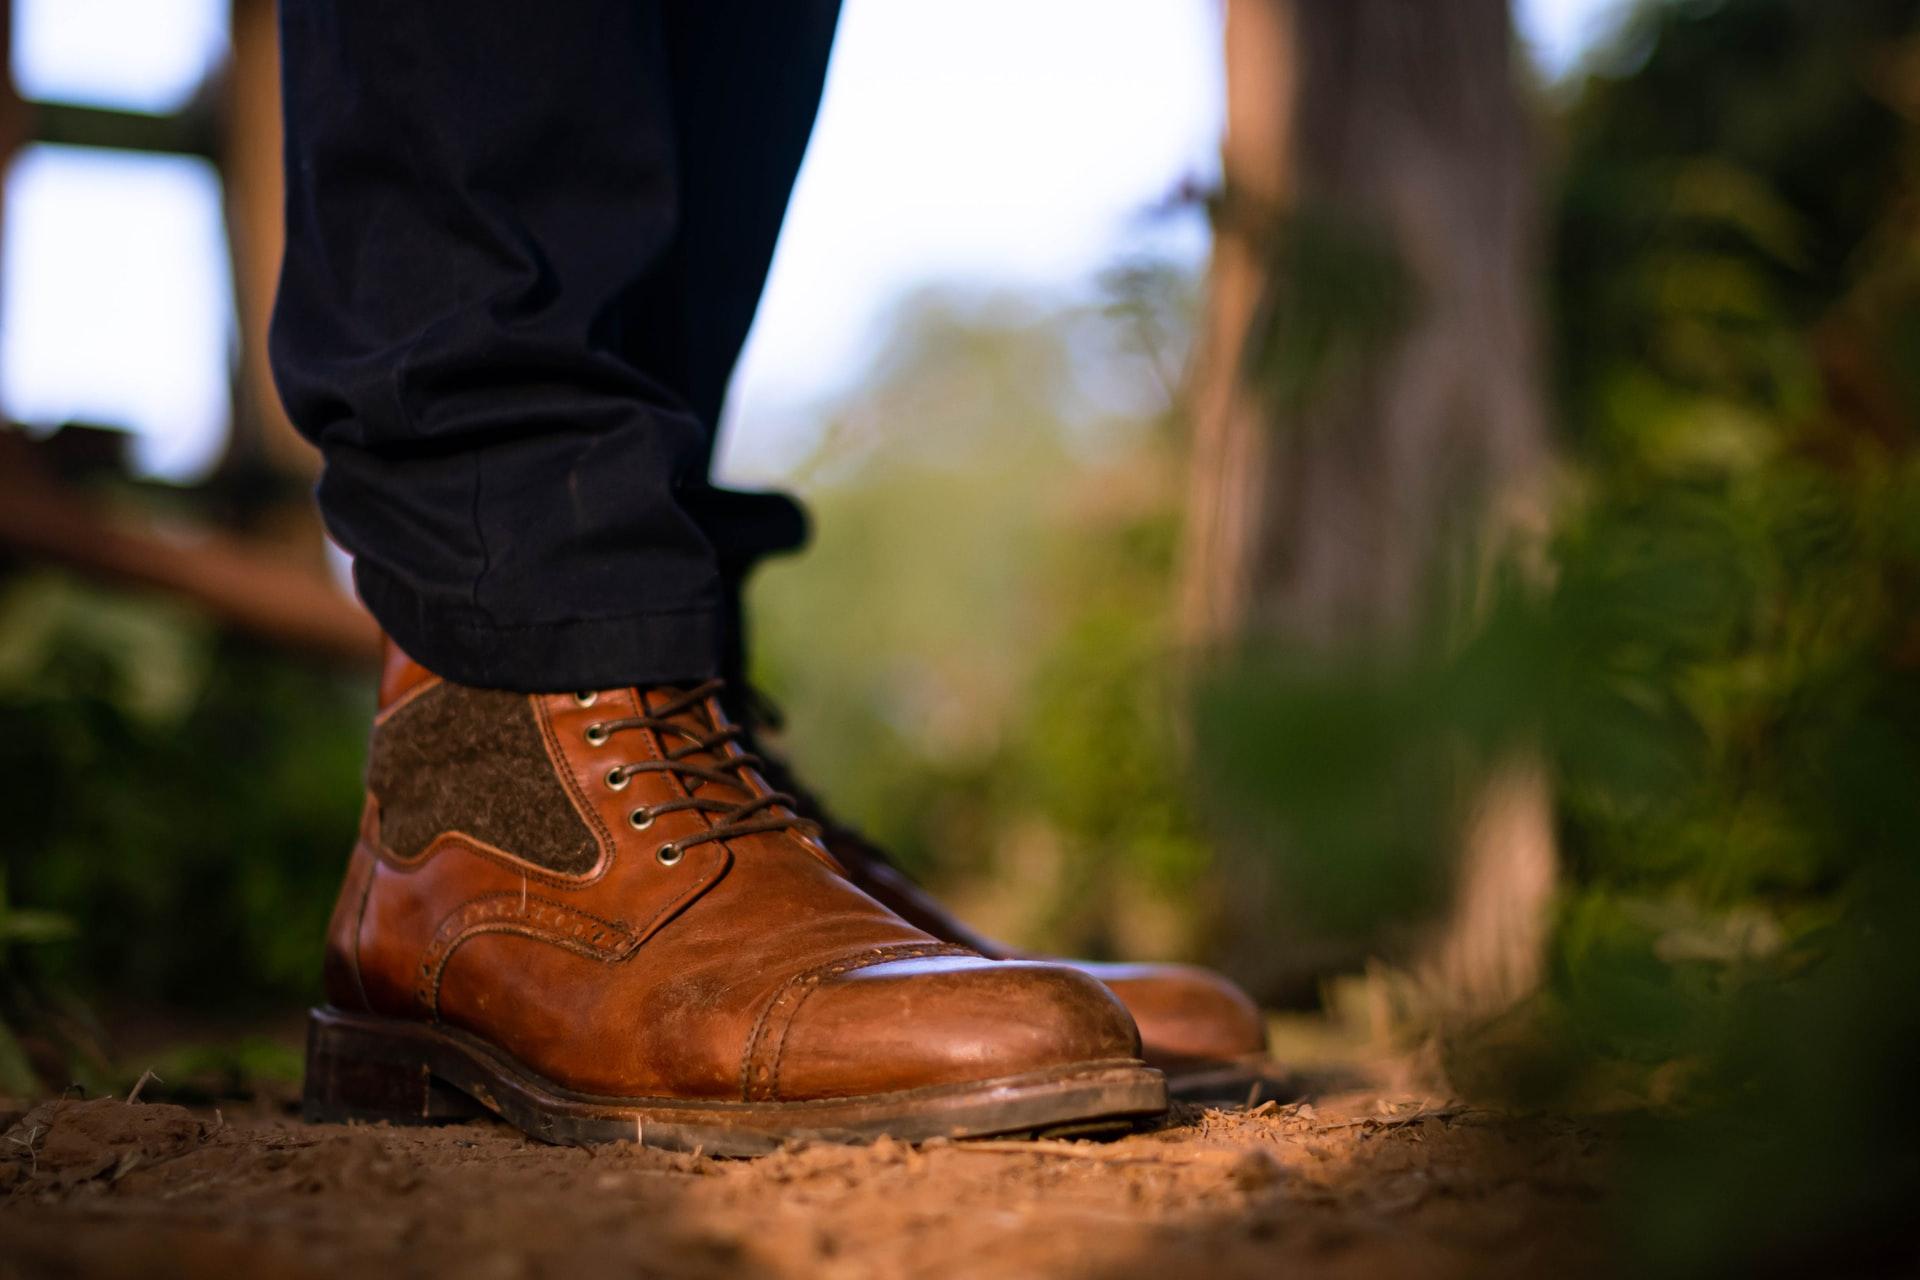 come far durare più a lungo le scarpe